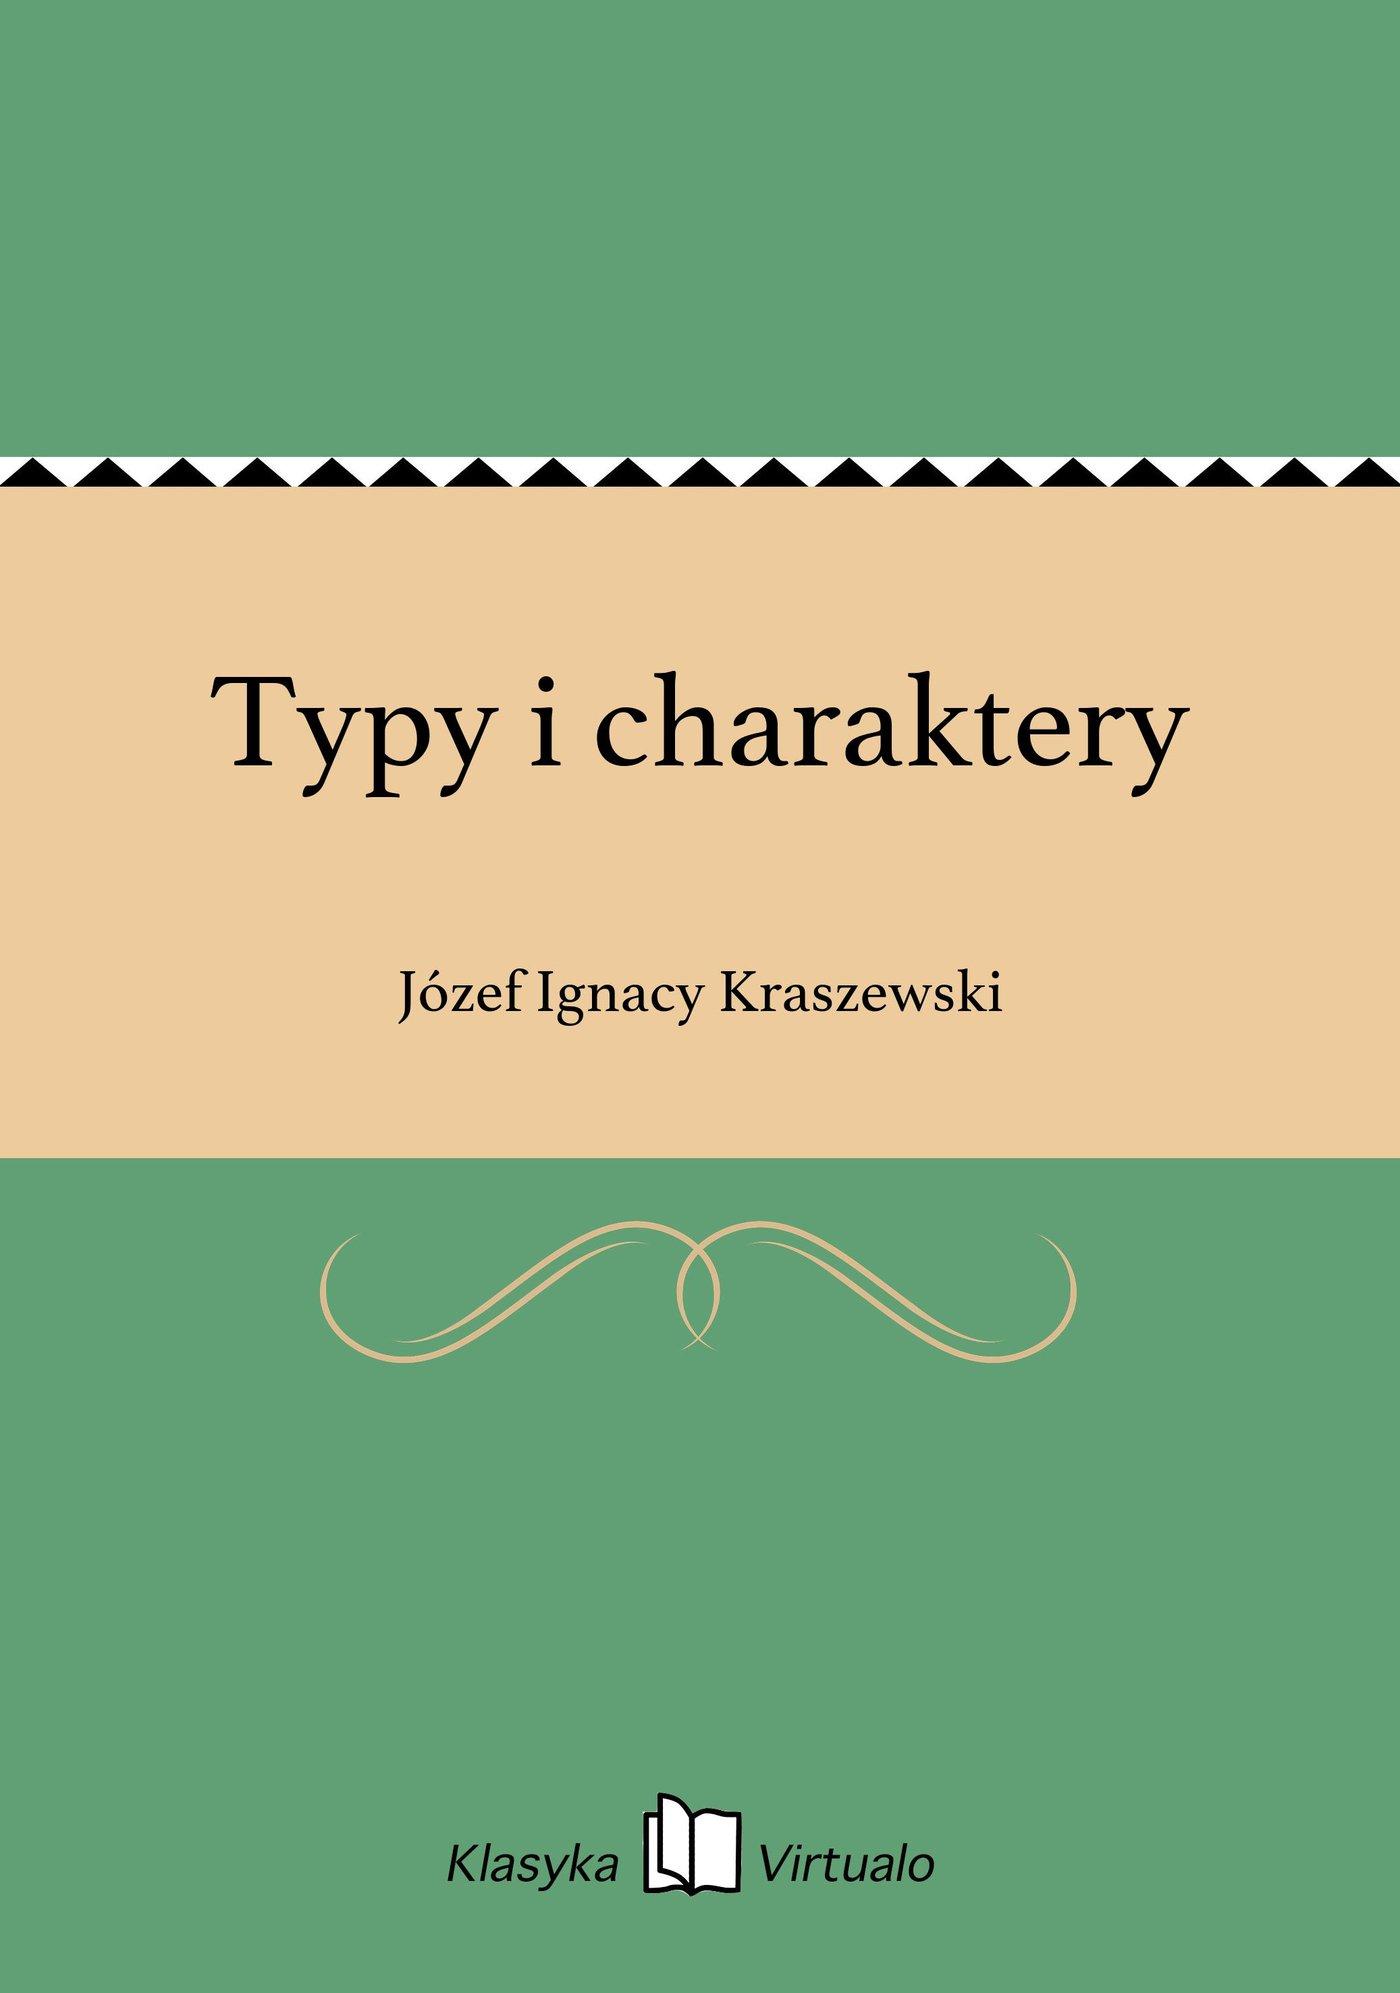 Typy i charaktery - Ebook (Książka EPUB) do pobrania w formacie EPUB